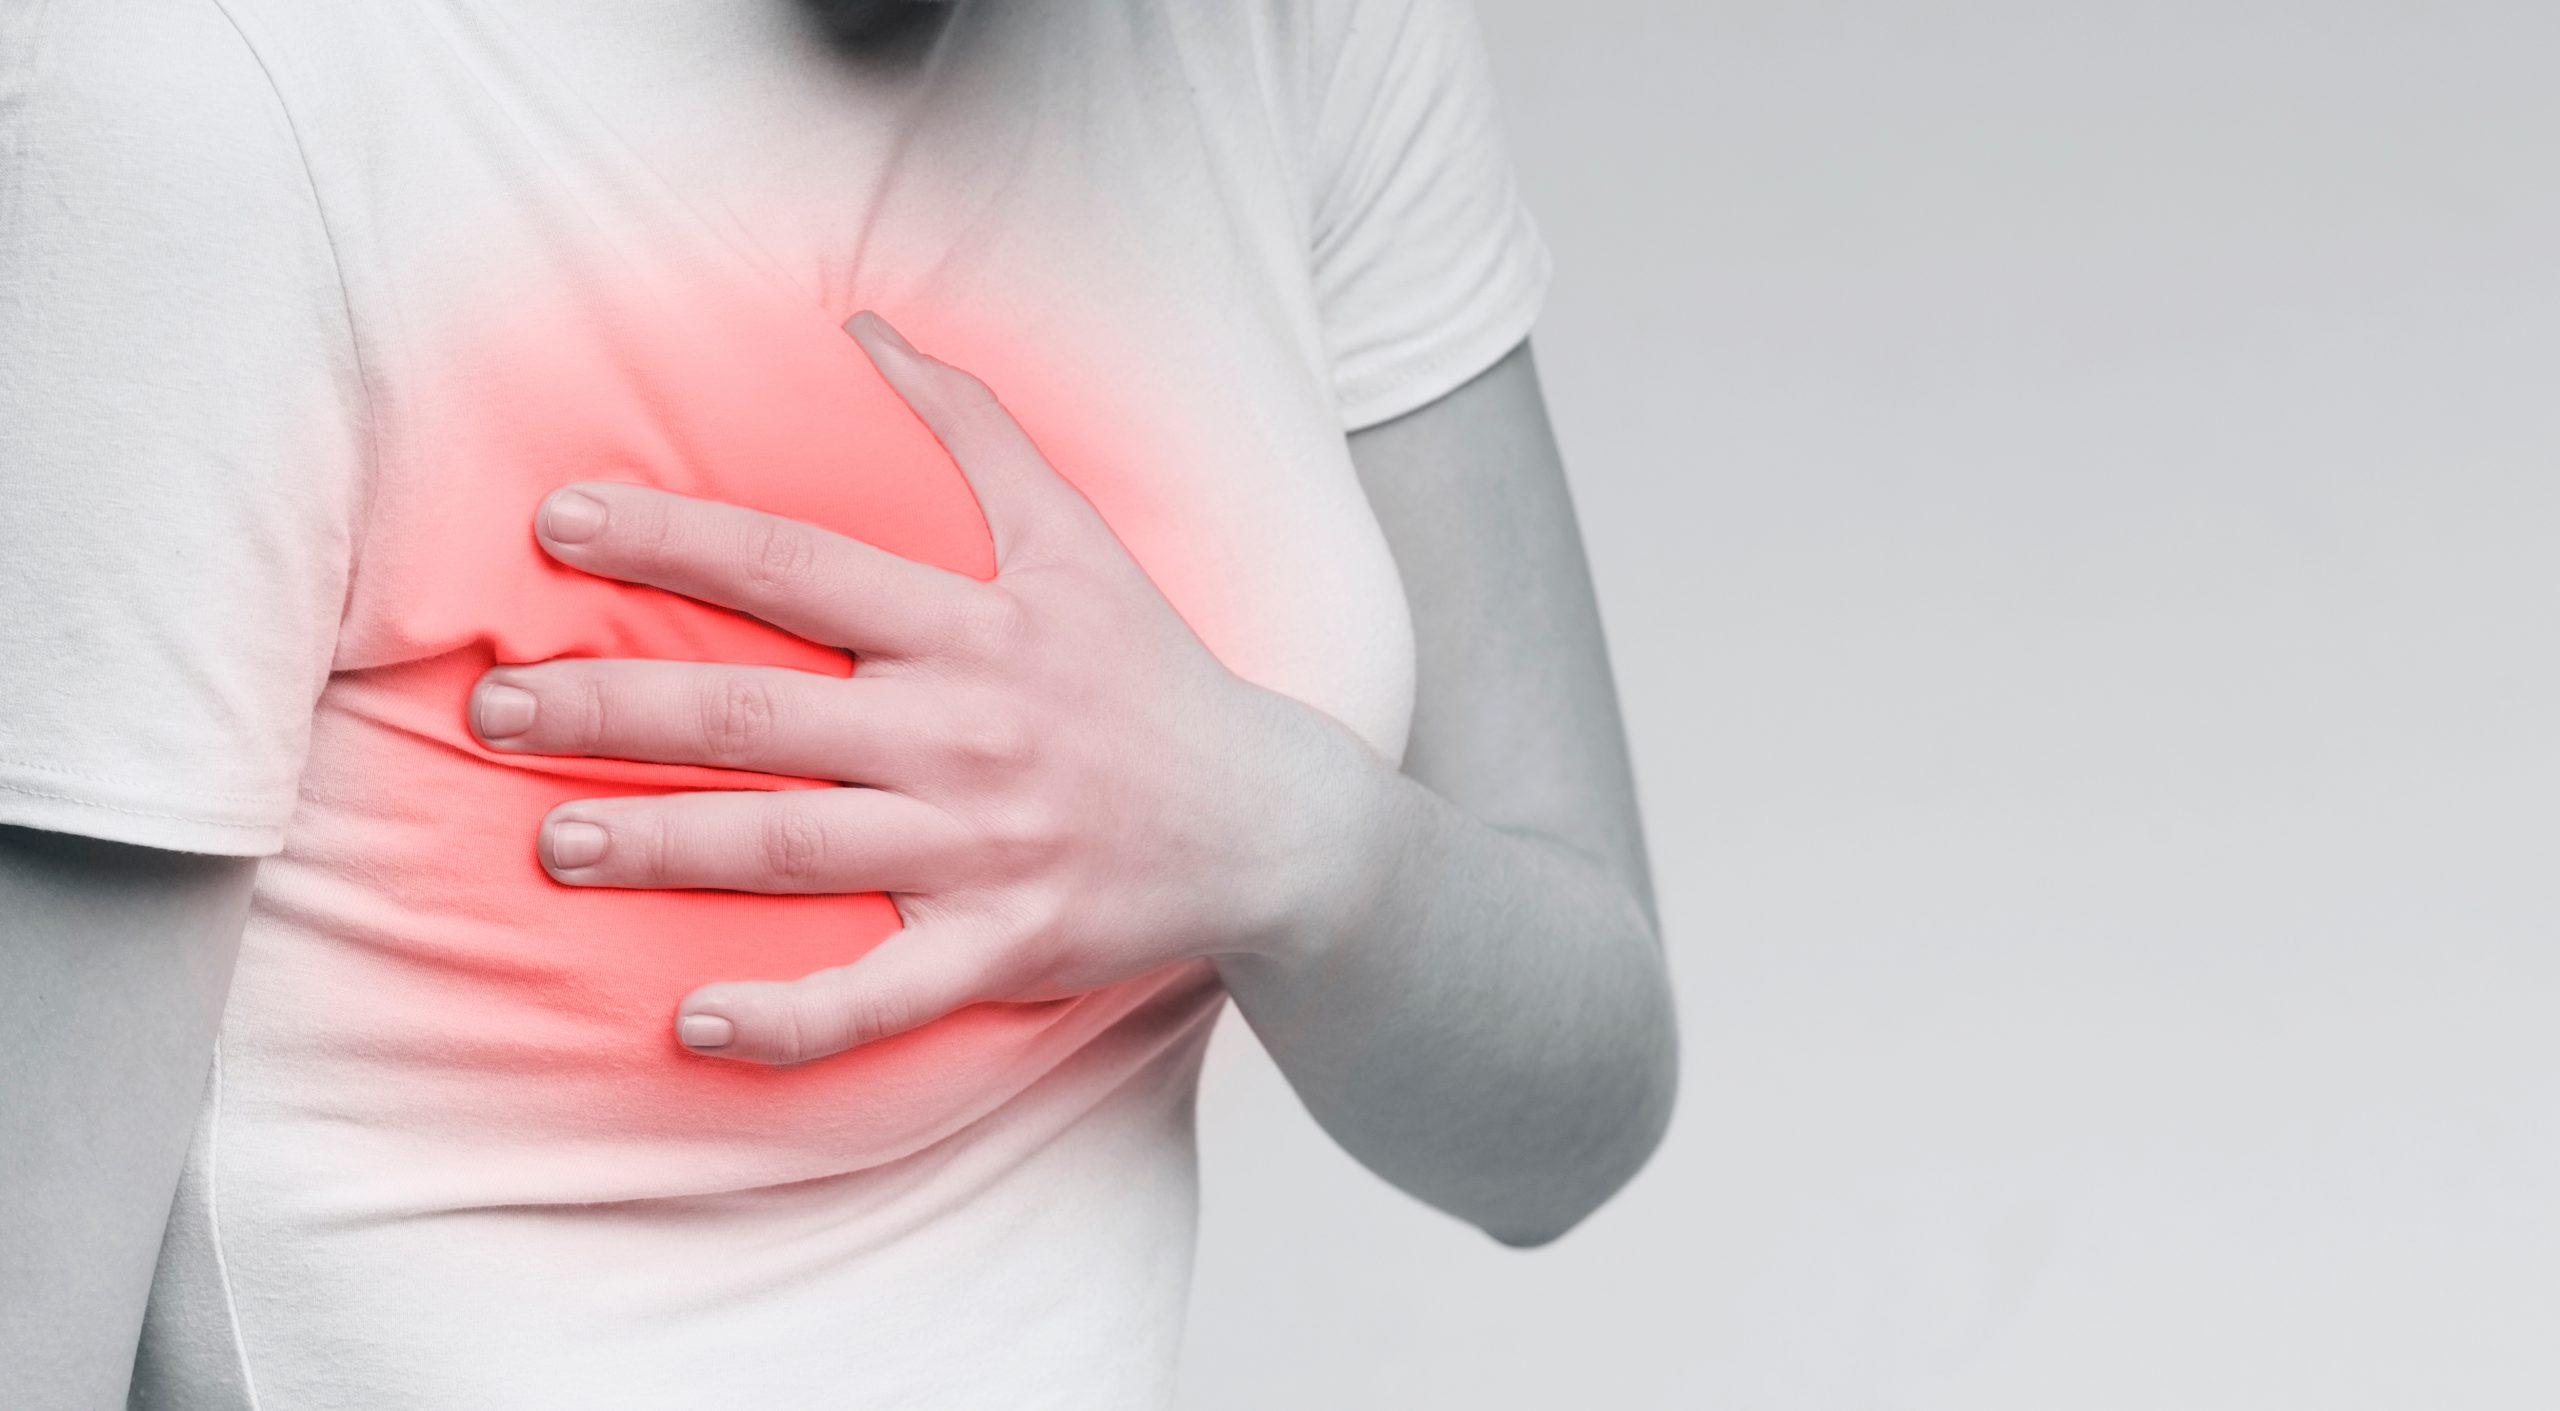 боли и уплотнения в груди - первые признаки мастита